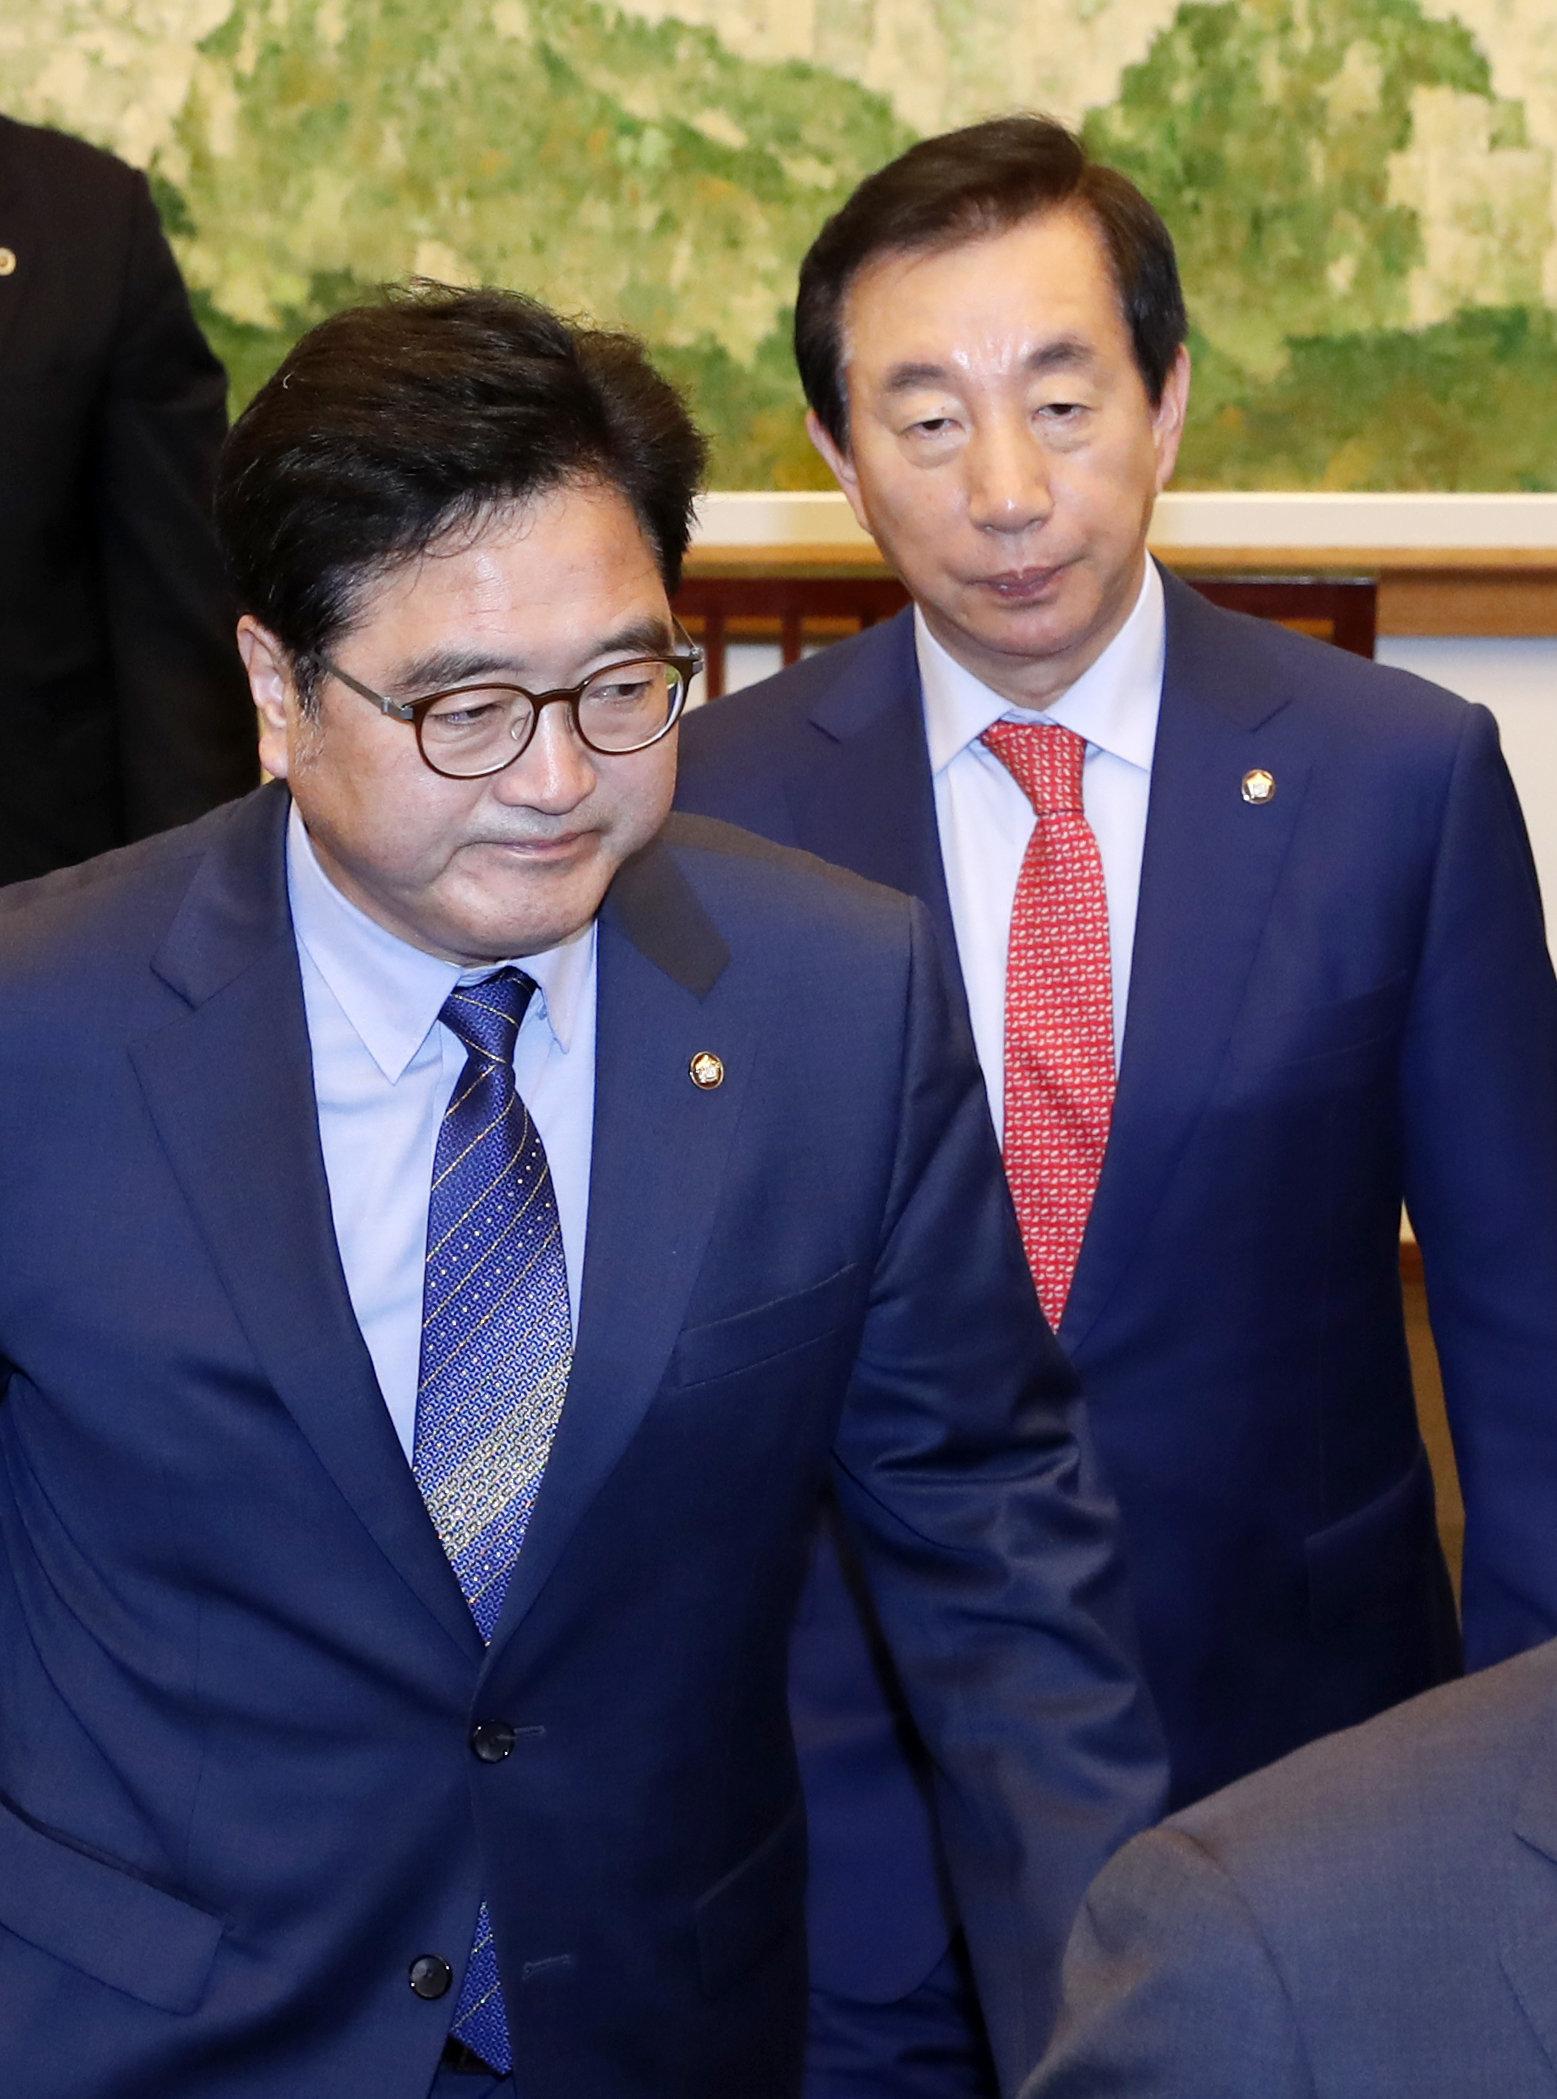 민주당은 야3당의 '드루킹 특검' 요구가 '대선불복'이라고